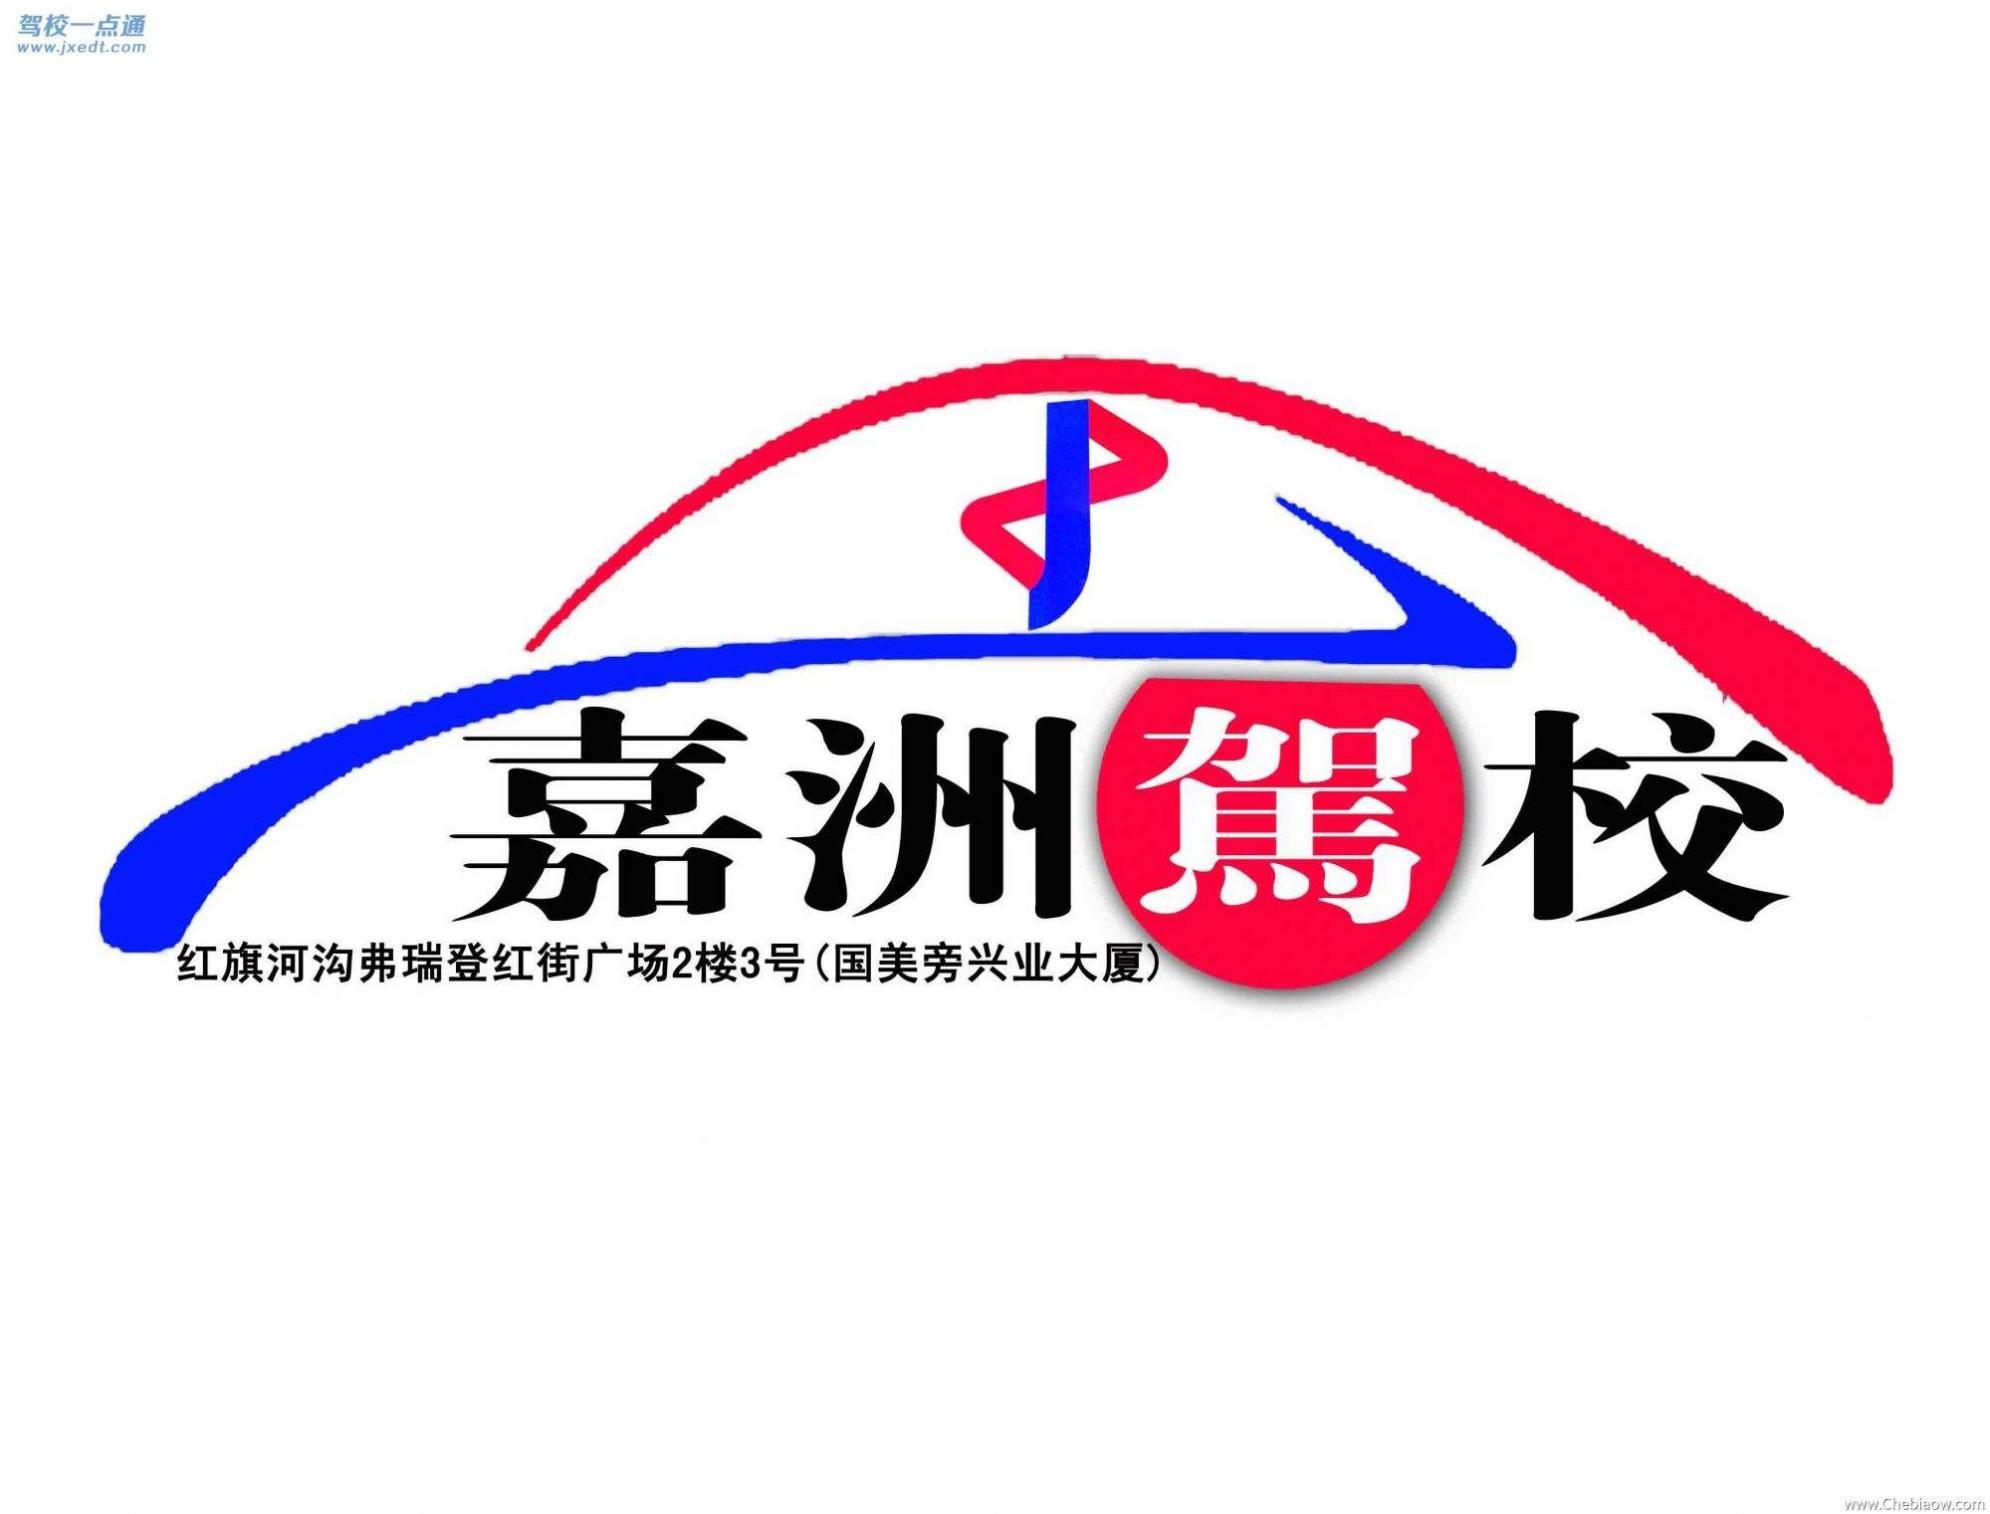 重庆嘉洲驾校